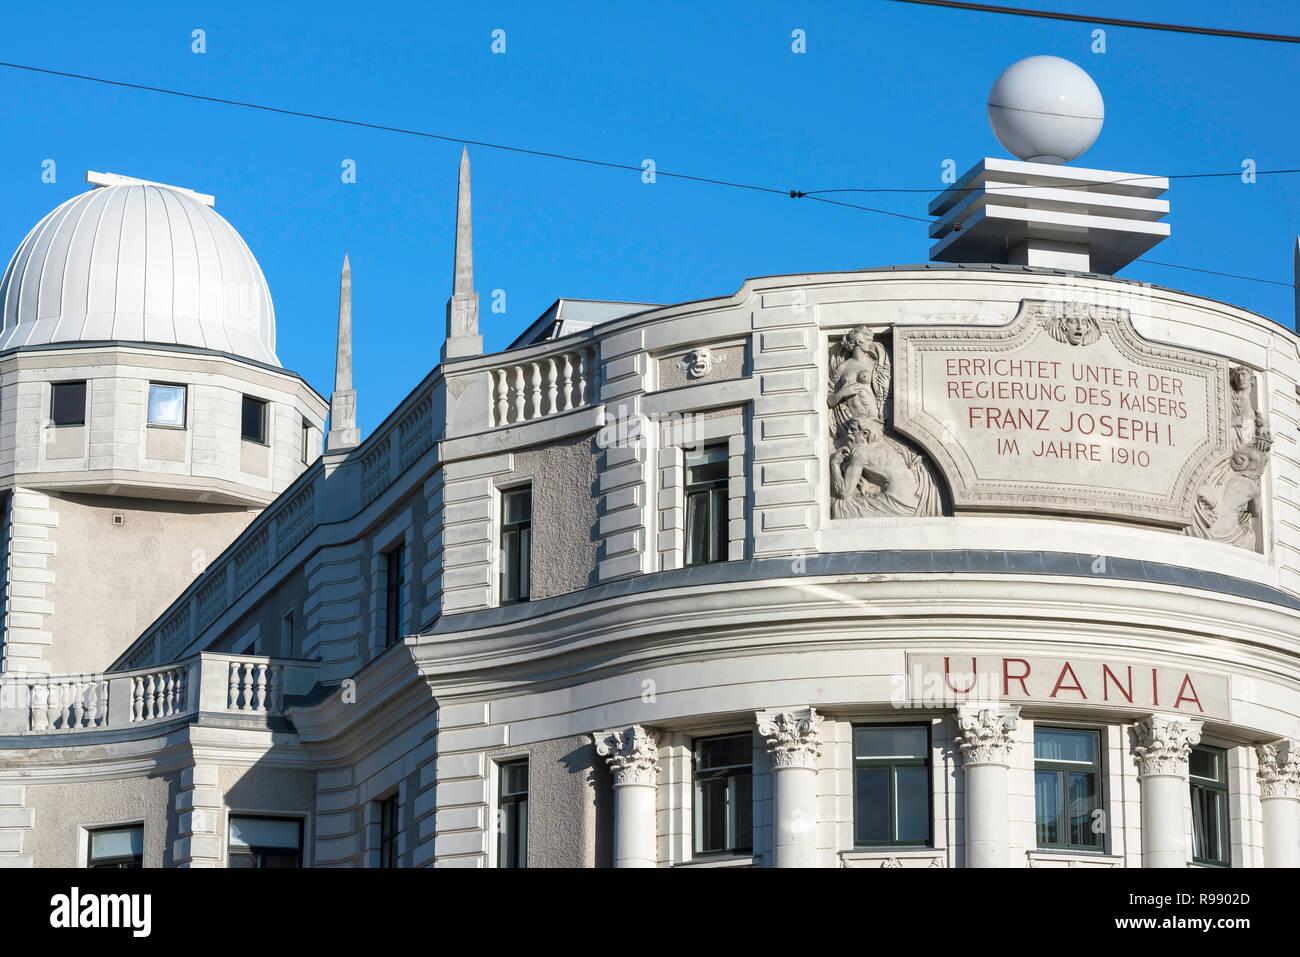 Urania Viena, diseñado en 1910 por el arquitecto modernista Max Fabiani, el edificio de Urania Viena ahora funciona como un observatorio y un cine. Imagen De Stock